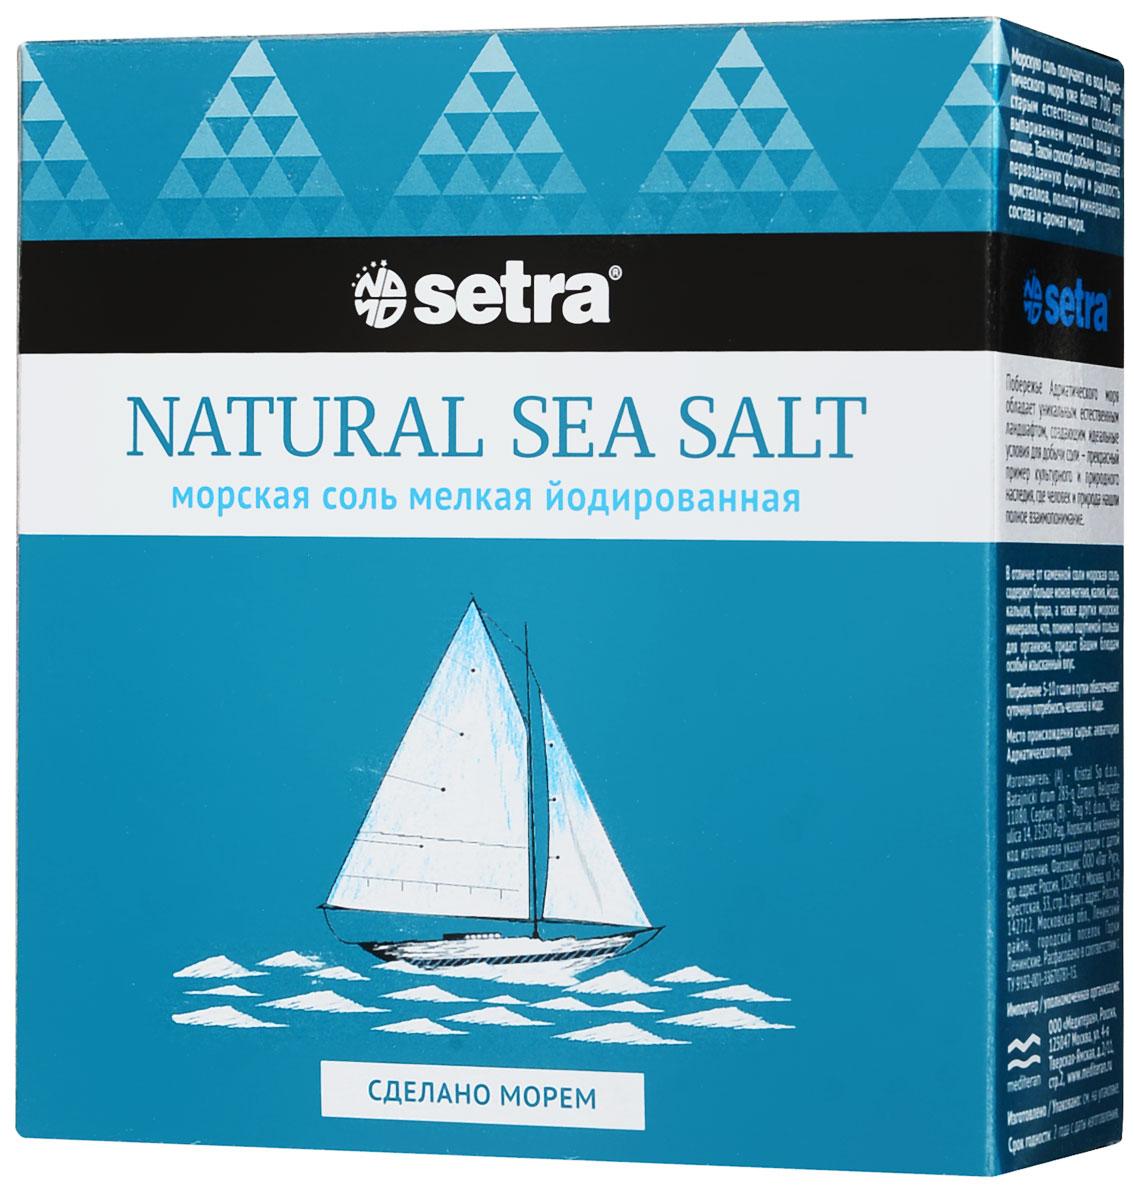 Соль Setra морская мелкая йодированная, 500 г2880Морская соль - соль самого высокого качества. Она образуется выпариванием чистейшей морской воды подвоздействием солнца и ветра. Такой мягкий, естественный способ получения соли способствует сохранению вней всех минералов и микроэлементов, которые придают морской соли своеобразный вкус и аромат.Морская соль, обогащенная йодом, используется в кулинарии, как обычная. Однако она гораздо полезнее дляорганизма, так как богата минеральными веществами.Способствует правильному функционированию щитовидной железы.